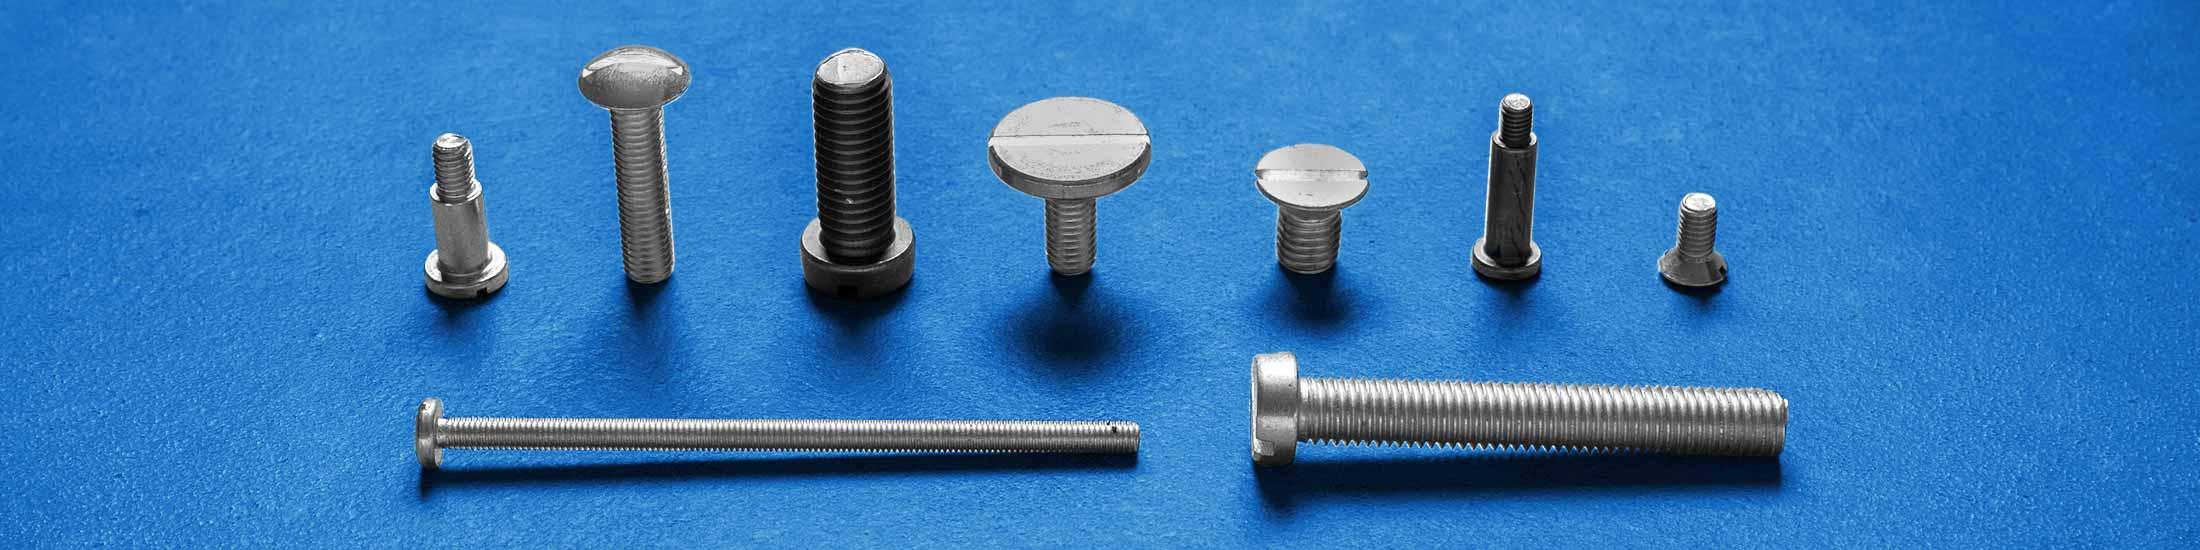 Schlitzschrauben DIN • Frey Schrauben GmbH